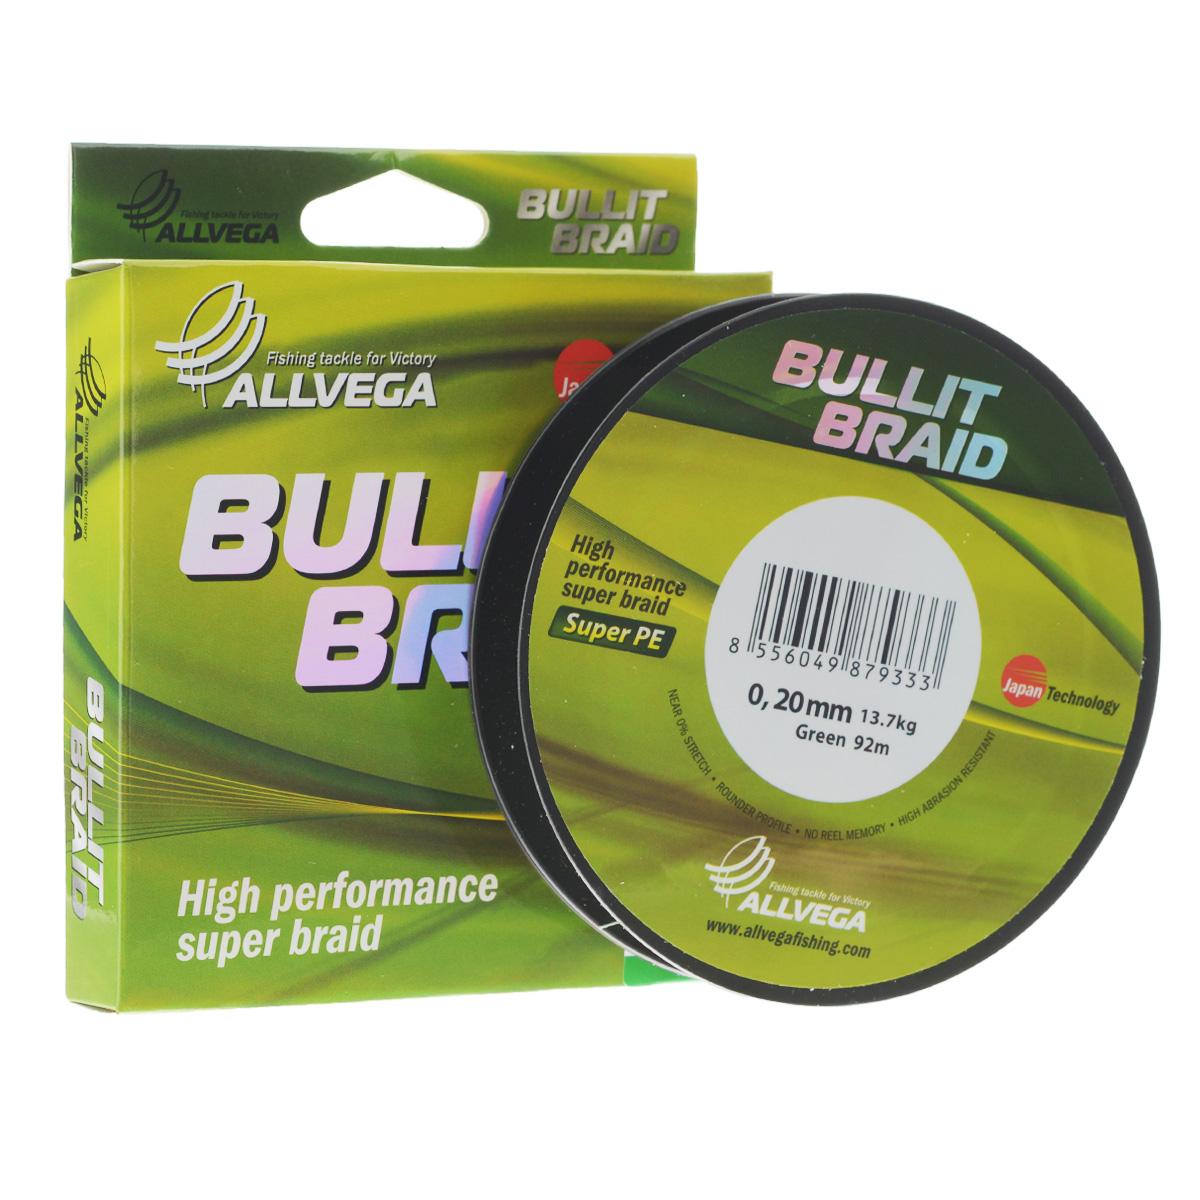 Леска плетеная Allvega Bullit Braid, цвет: темно-зеленая, 92 м, 0,20 мм, 13,7 кг21424Леска Allvega Bullit Braid с гладкой поверхностью и одинаковым сечением по всей длине обладает высокой износостойкостью. Благодаря микроволокнам полиэтилена (Super PE) леска имеет очень плотное плетение и не впитывает воду. Леску Allvega Bullit Braid можно применять в любых типах водоемов. Особенности:- повышенная износостойкость;- высокая чувствительность - коэффициент растяжения близок к нулю;- отсутствует память;- идеально гладкая поверхность позволяет увеличить дальность забросов;- высокая прочность шнура на узлах.